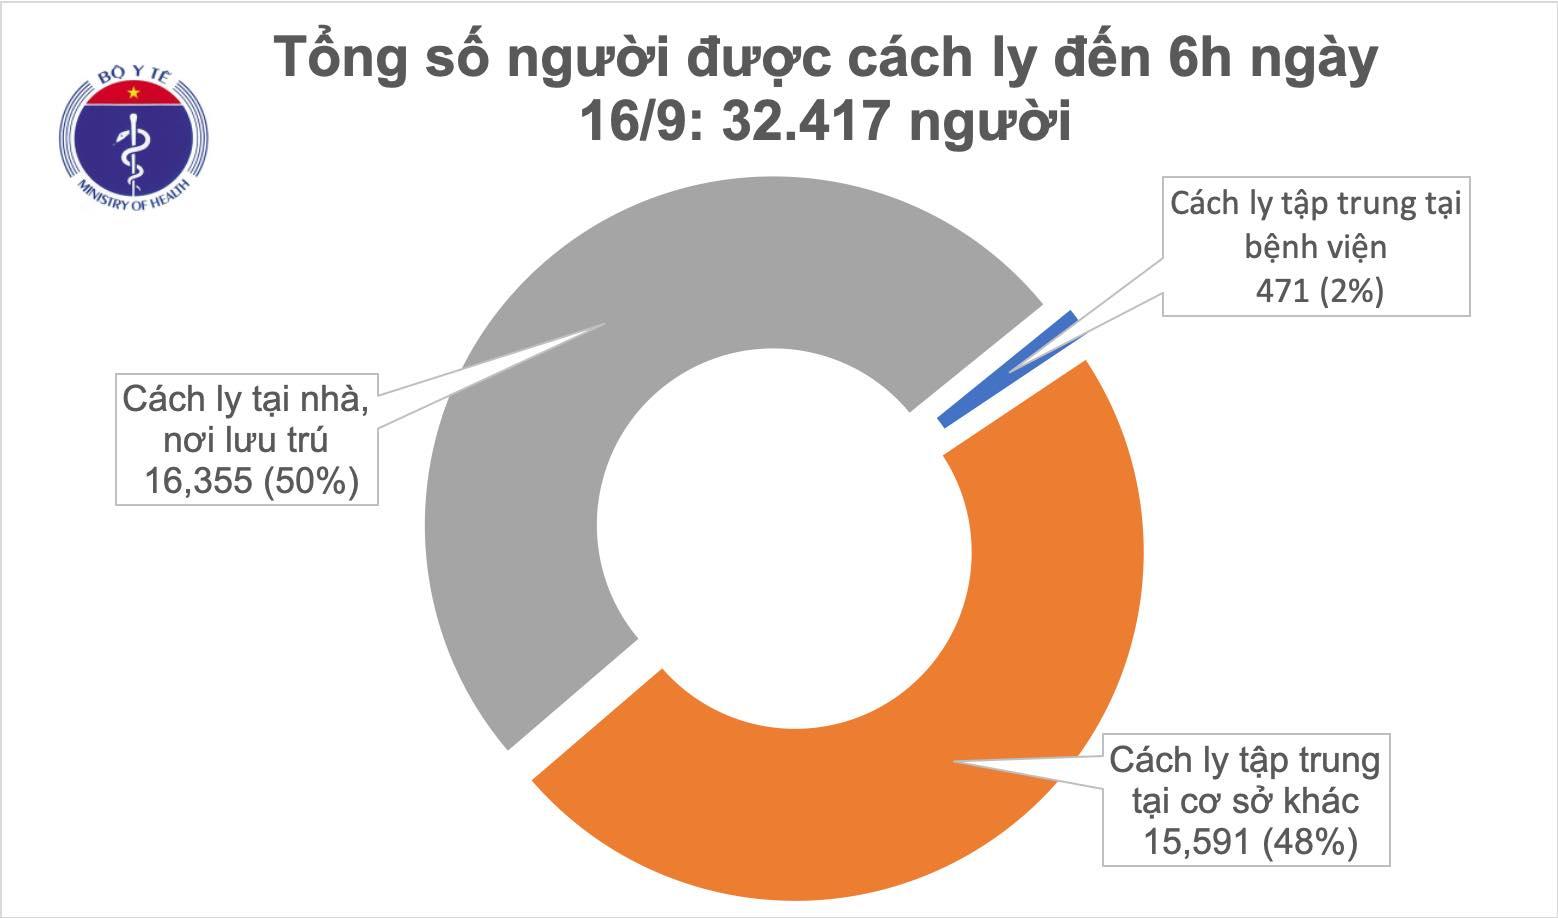 Đã 2 tuần Việt Nam không ghi nhận ca mắc mới COVID-19 ở cộng đồng